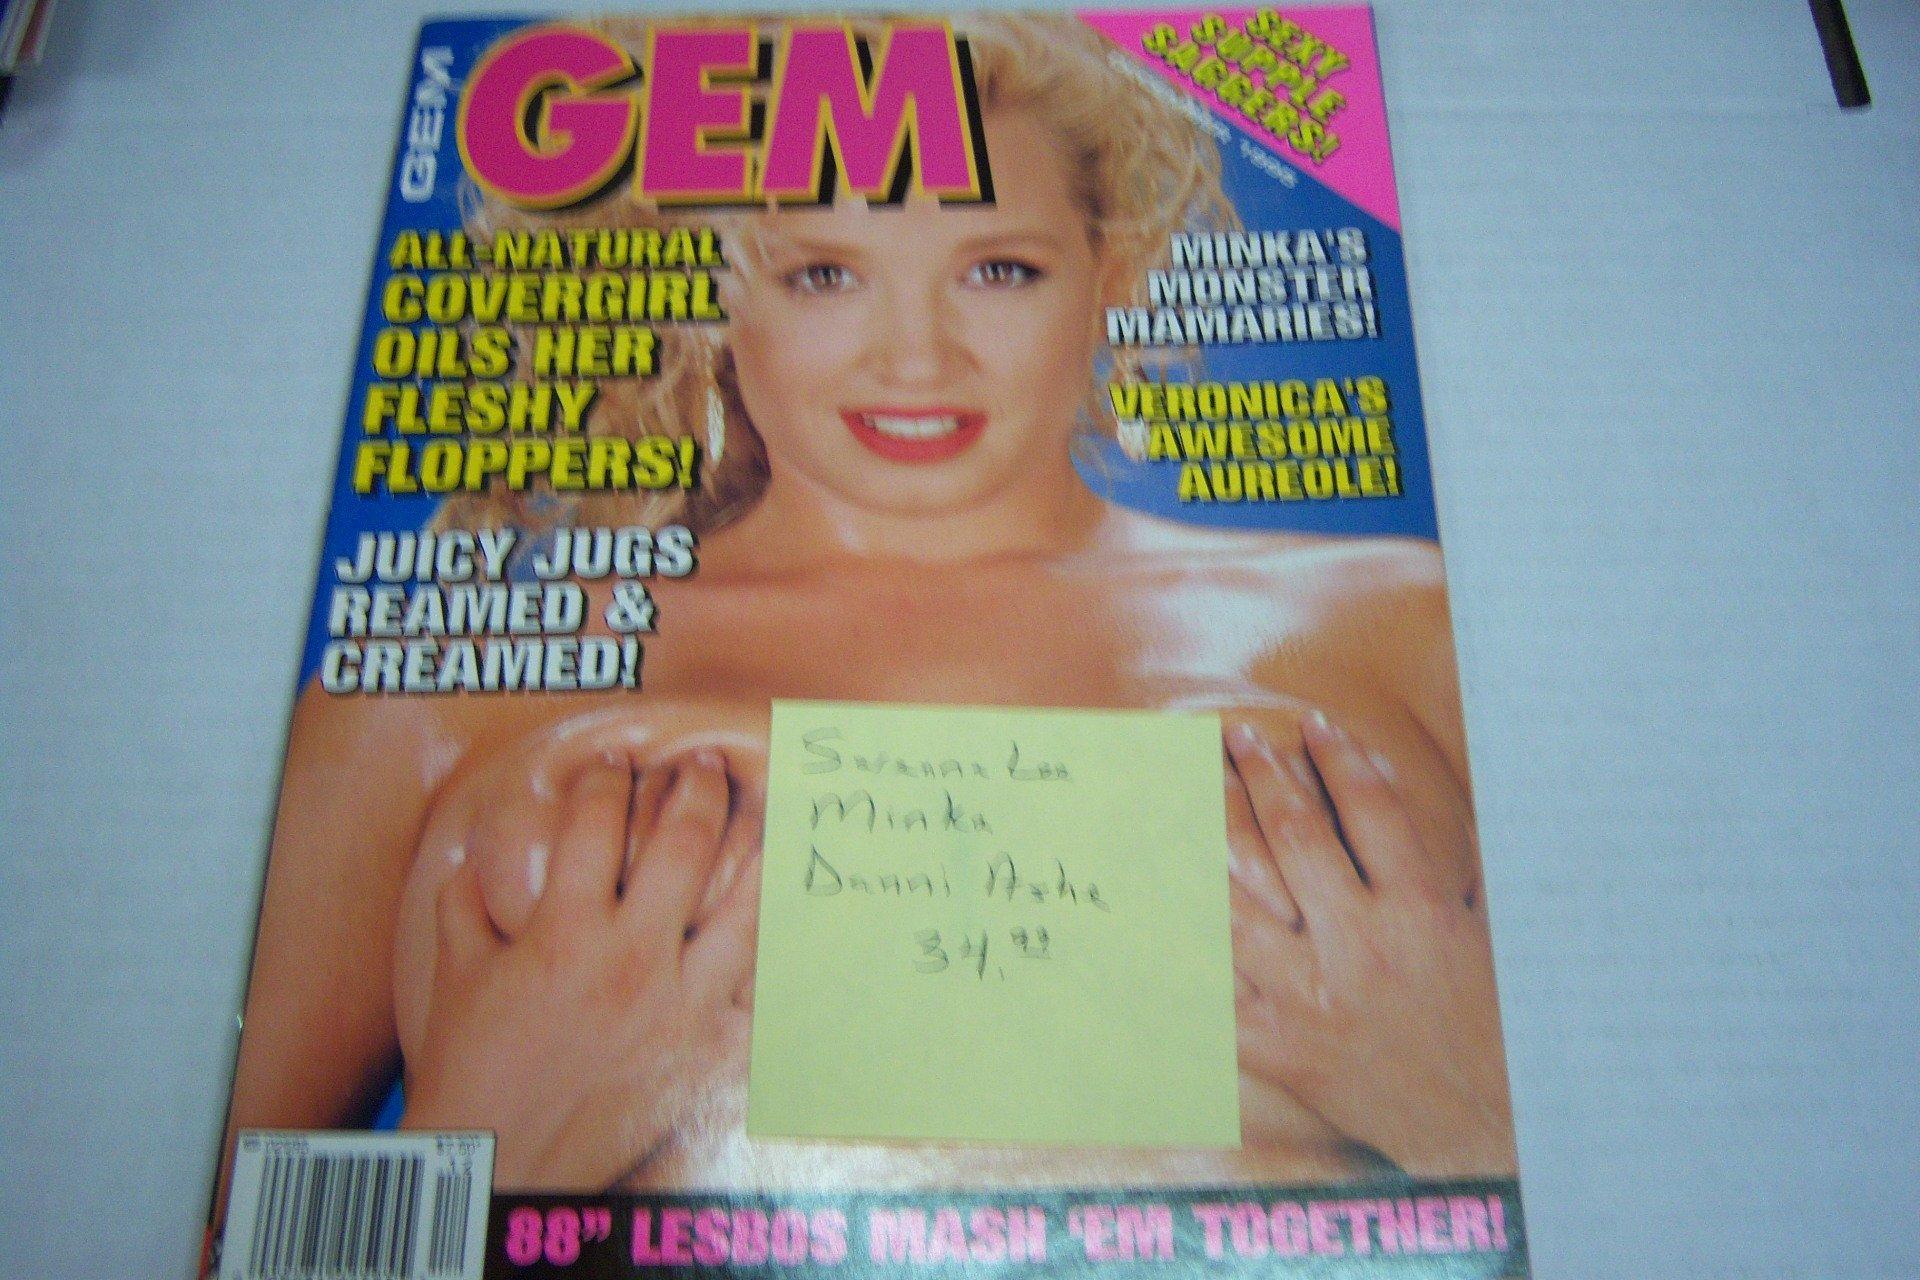 Danni Ashe United States Danni Ashe United States new pics